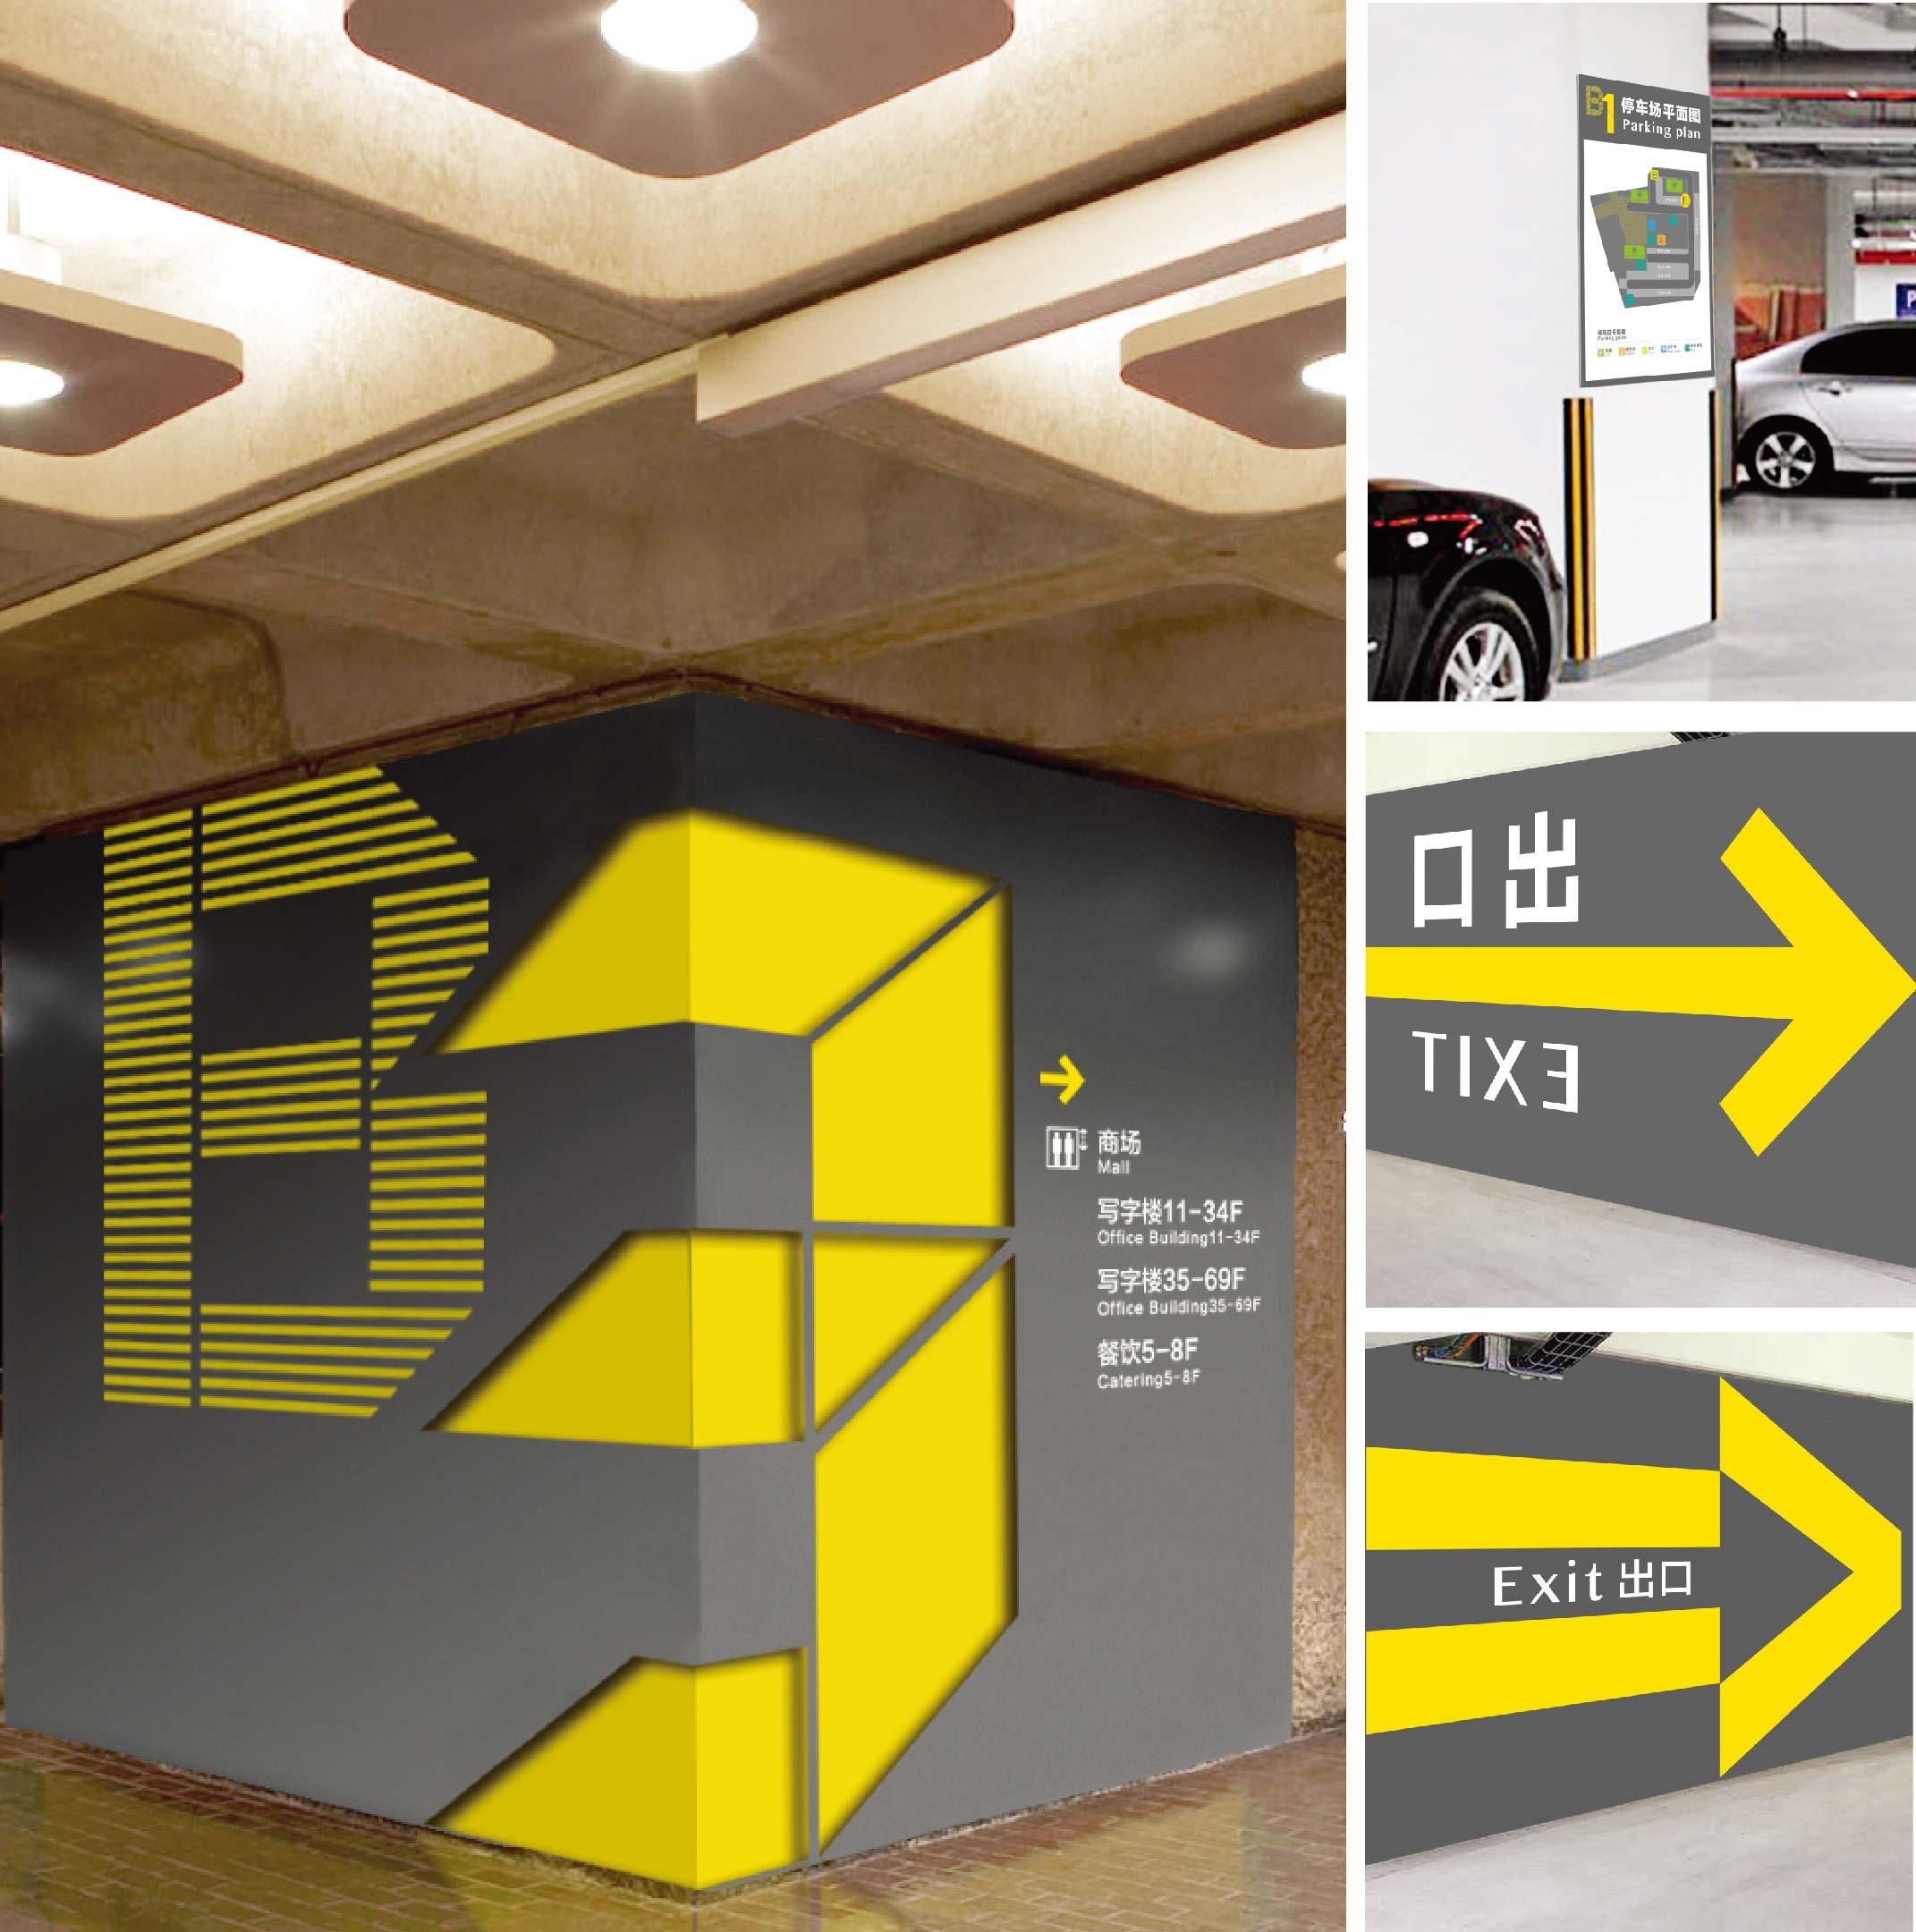 商场和地下车库量身设计了导视系统,与其国际时尚的室内设计风格相